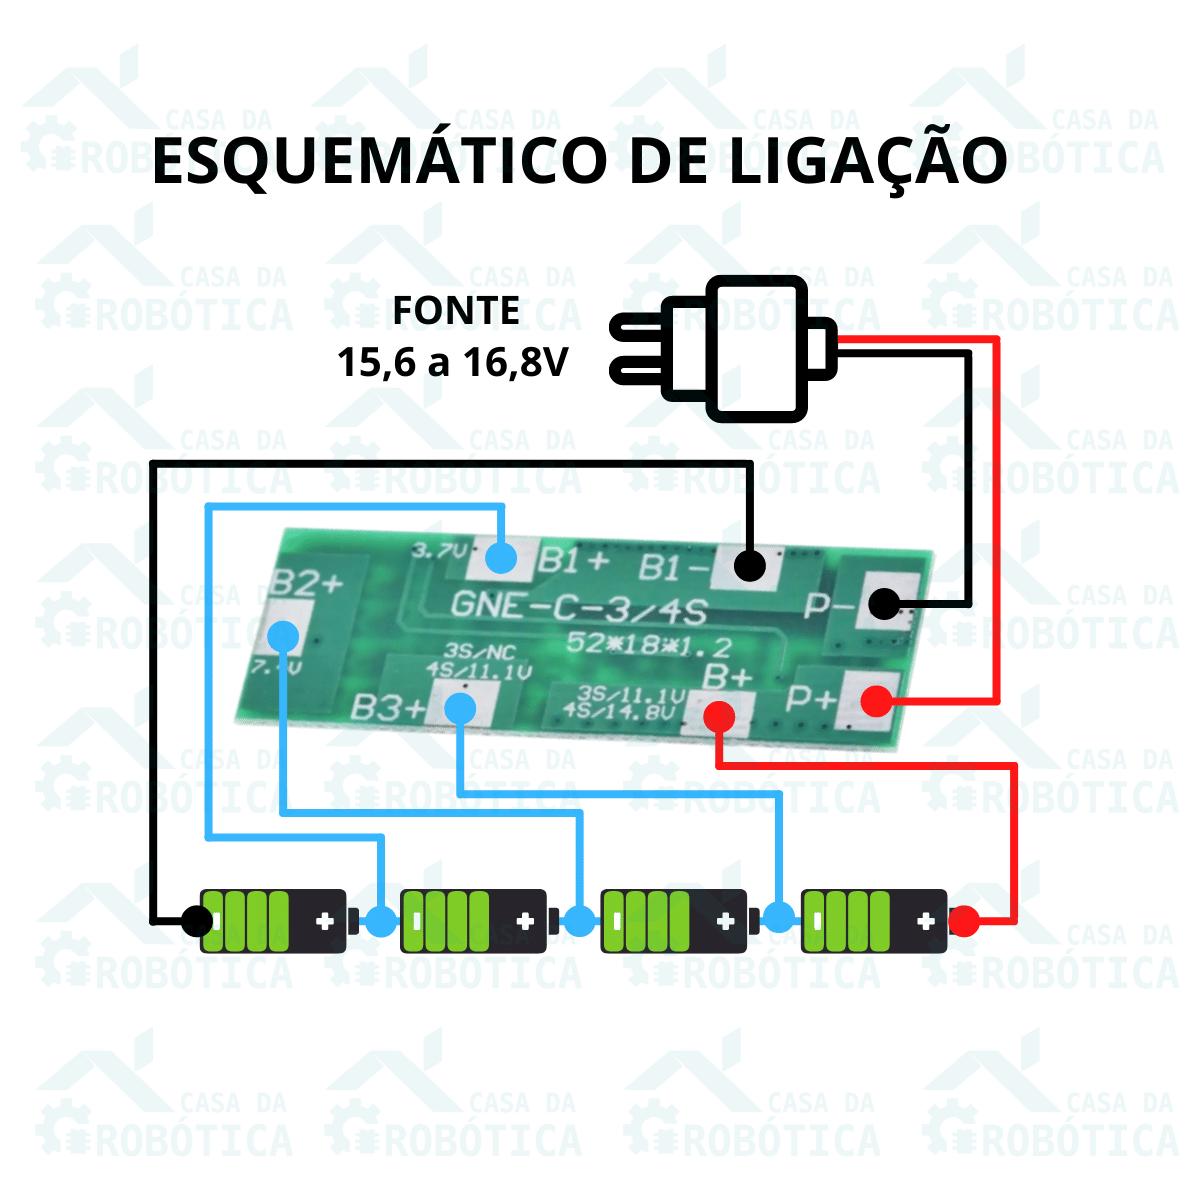 10x Placa para Carregar Baterias com Proteção Bms e Balanceamento 4S 8A